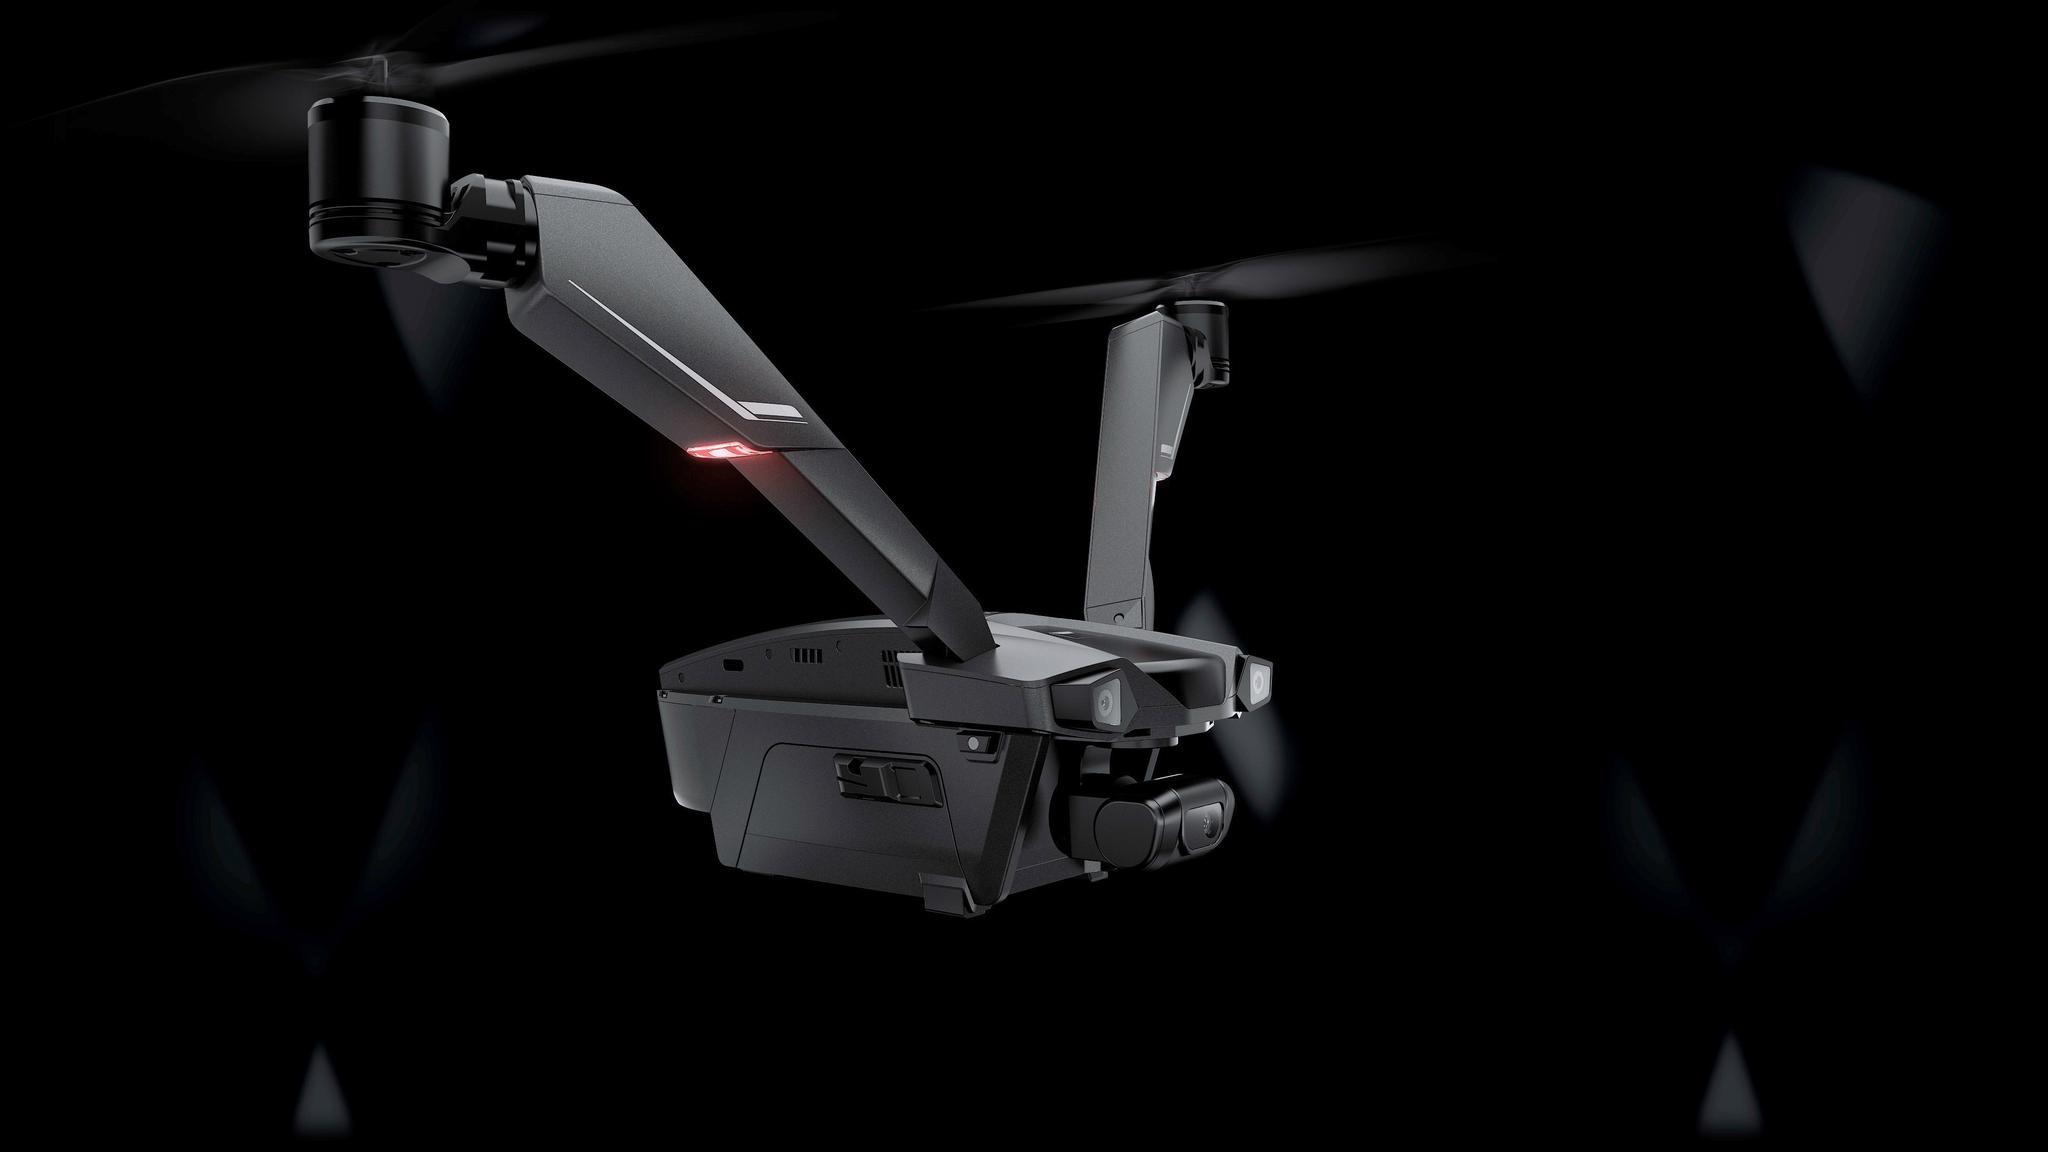 业界首款V型双旋翼无人机Falcon,50分钟长续航